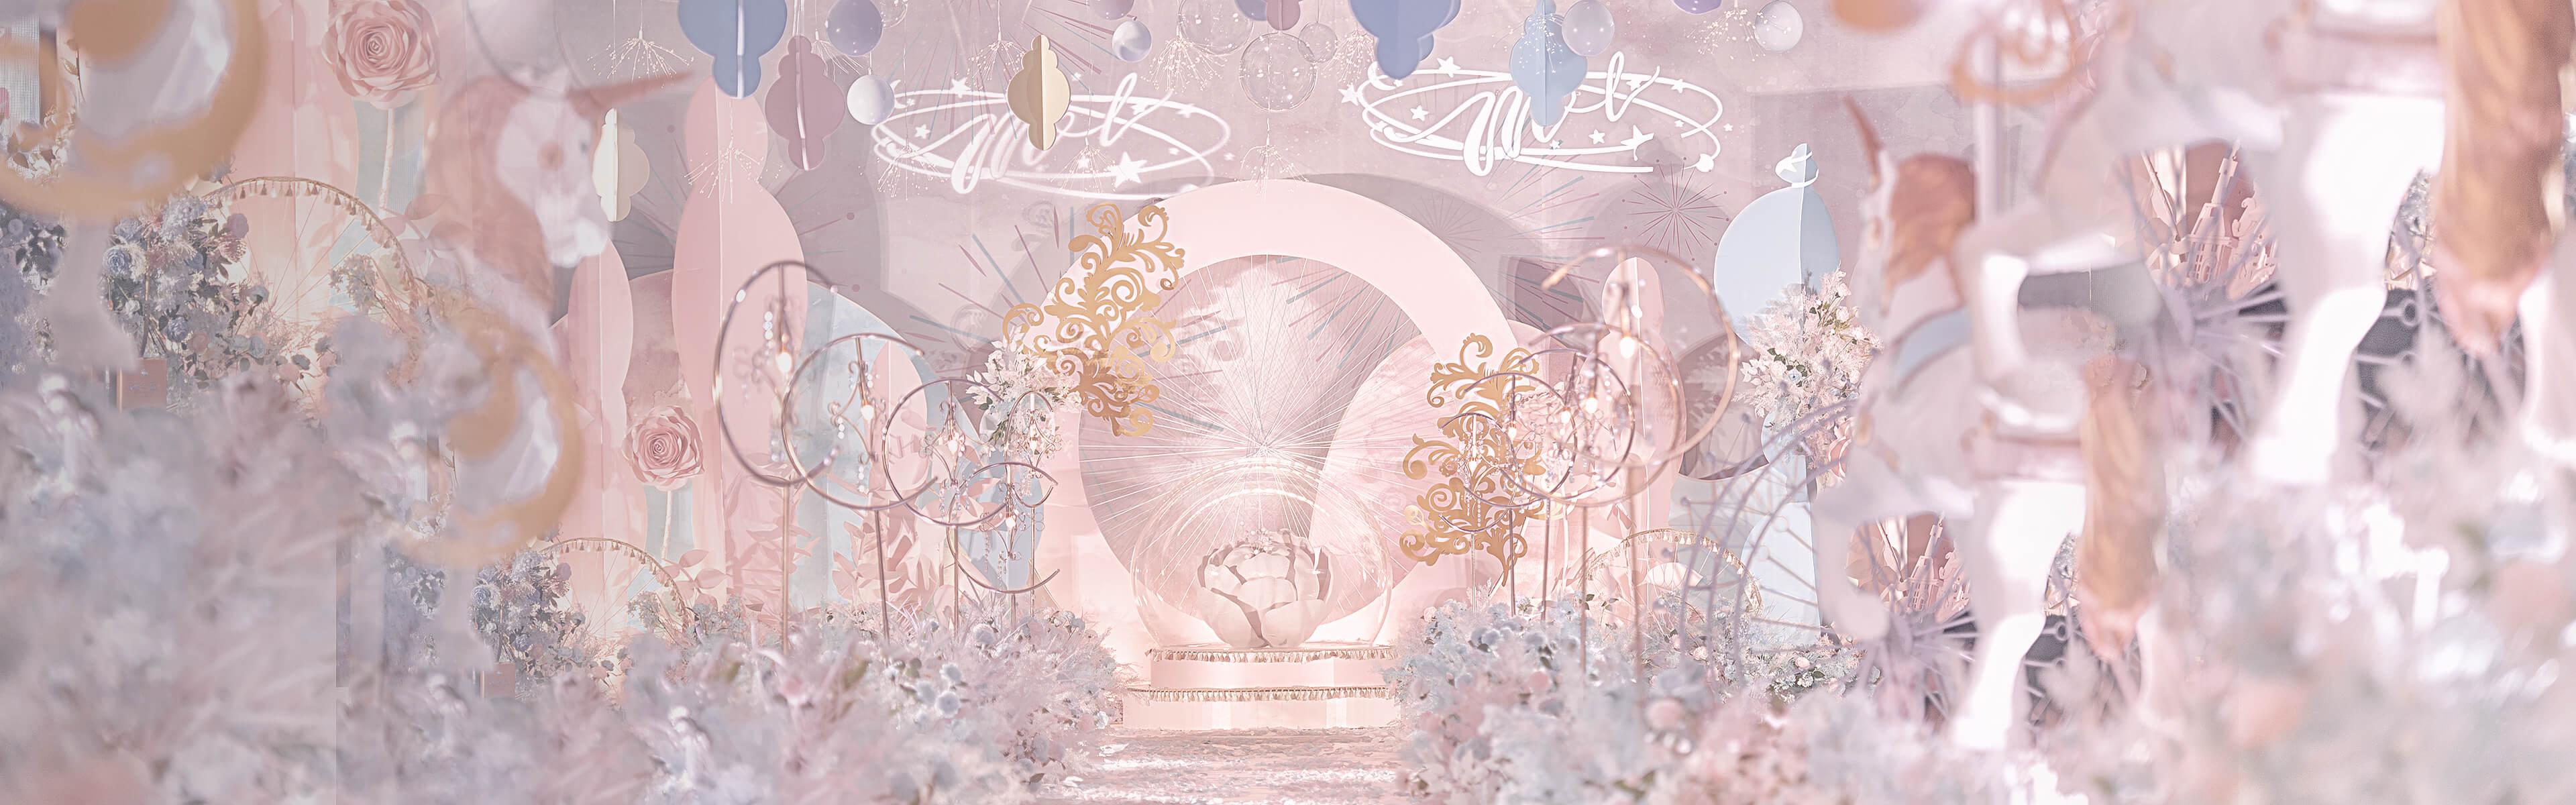 固始县婚庆策划案例:梦乐园 | 安徽 六安